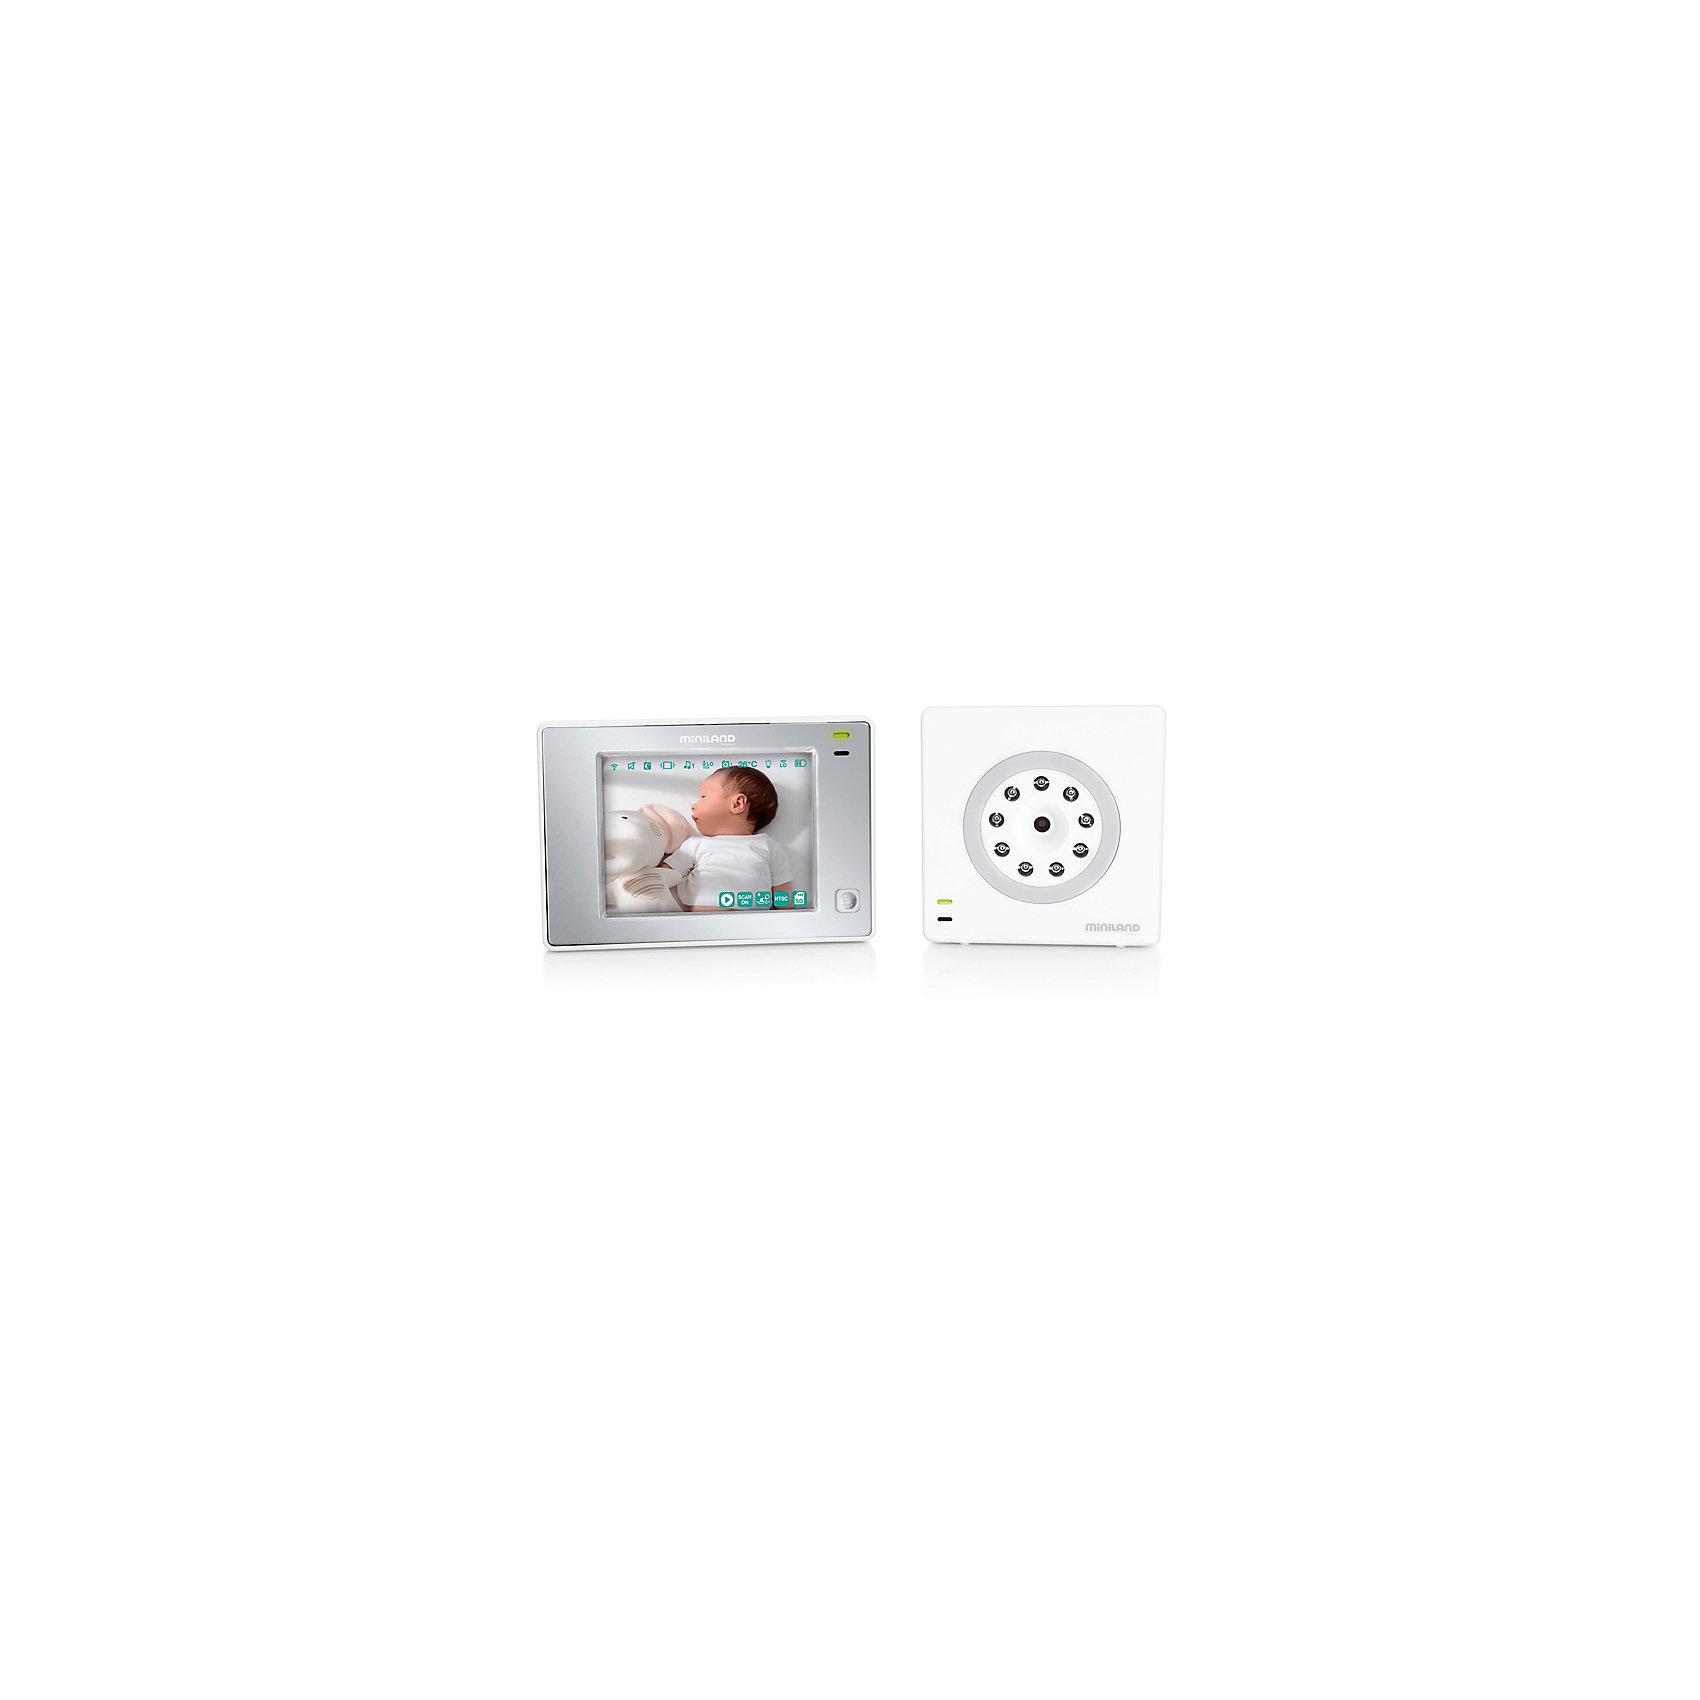 Видеоняня Miniland Digimonitor 3,5 Touch NewДетская бытовая техника<br>Характеристики товара:<br><br>• возраст: с рождения;<br>• материал: пластик;<br>• в комплекте: камера, родительский блок;<br>• дисплей: 8,89 см;<br>• двусторонняя связь;<br>• вибросигнал;<br>• функция записи видео и съемки фотографий;<br>• детектор движения;<br>• функция активации при звуке;<br>• термометр;<br>• функция ночного видения;<br>• размер упаковки: 33х28х7,5 см;<br>• вес упаковки: 1 кг;<br>• страна производитель: Испания.<br><br>Видеоняня Digimonitor 3,5 Touch New Miniland — надежный помощник родителей в присмотре за малышом, она позволит всегда быть в курсе того, чем занимается малыш в детской комнате. Видеоняня оснащена детектором движения и оповещает, когда малыш проснулся и начал двигаться. Функция активации при звуке VOX незамедлительно сообщит, если ребенок заплакал.<br><br>На камере встроен термометр, который отправляет данные о температуре в детской комнате на родительский блок. При недостаточном освещении камера переходит в режим ночного видения. Камера оснащена функциями записи видео и съемки фотографий. Для хранения видео и фото на родительский блок можно установить дополнительно карту памяти до 32 Гб. Мелодии помогут убаюкать и успокоить малыша. <br><br>Детский блок работает только от сети, родительский блок может работать как от сети, так и от аккумулятора. Возможно подключение до 4 камер. Дальность действия составляет 300 метров.<br><br>Видеоняню Digimonitor 3,5 Touch New Miniland можно приобрести в нашем интернет-магазине.<br><br>Ширина мм: 330<br>Глубина мм: 280<br>Высота мм: 75<br>Вес г: 1000<br>Возраст от месяцев: 4<br>Возраст до месяцев: 36<br>Пол: Унисекс<br>Возраст: Детский<br>SKU: 5589106